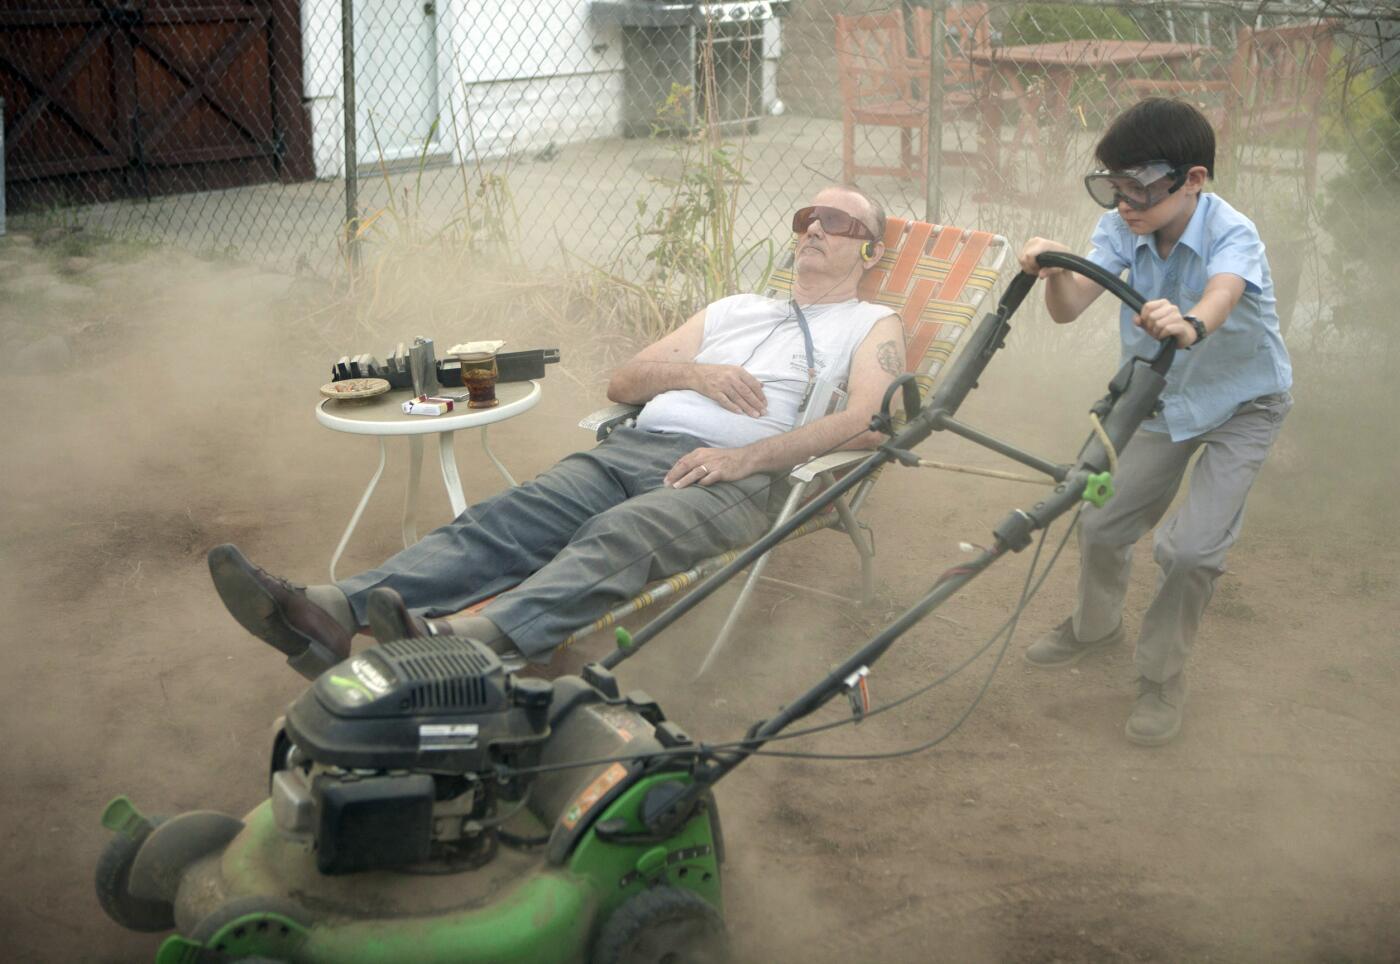 Bild zu Exklusiver Clip zur Bill Murray Komödie ST. VINCENT